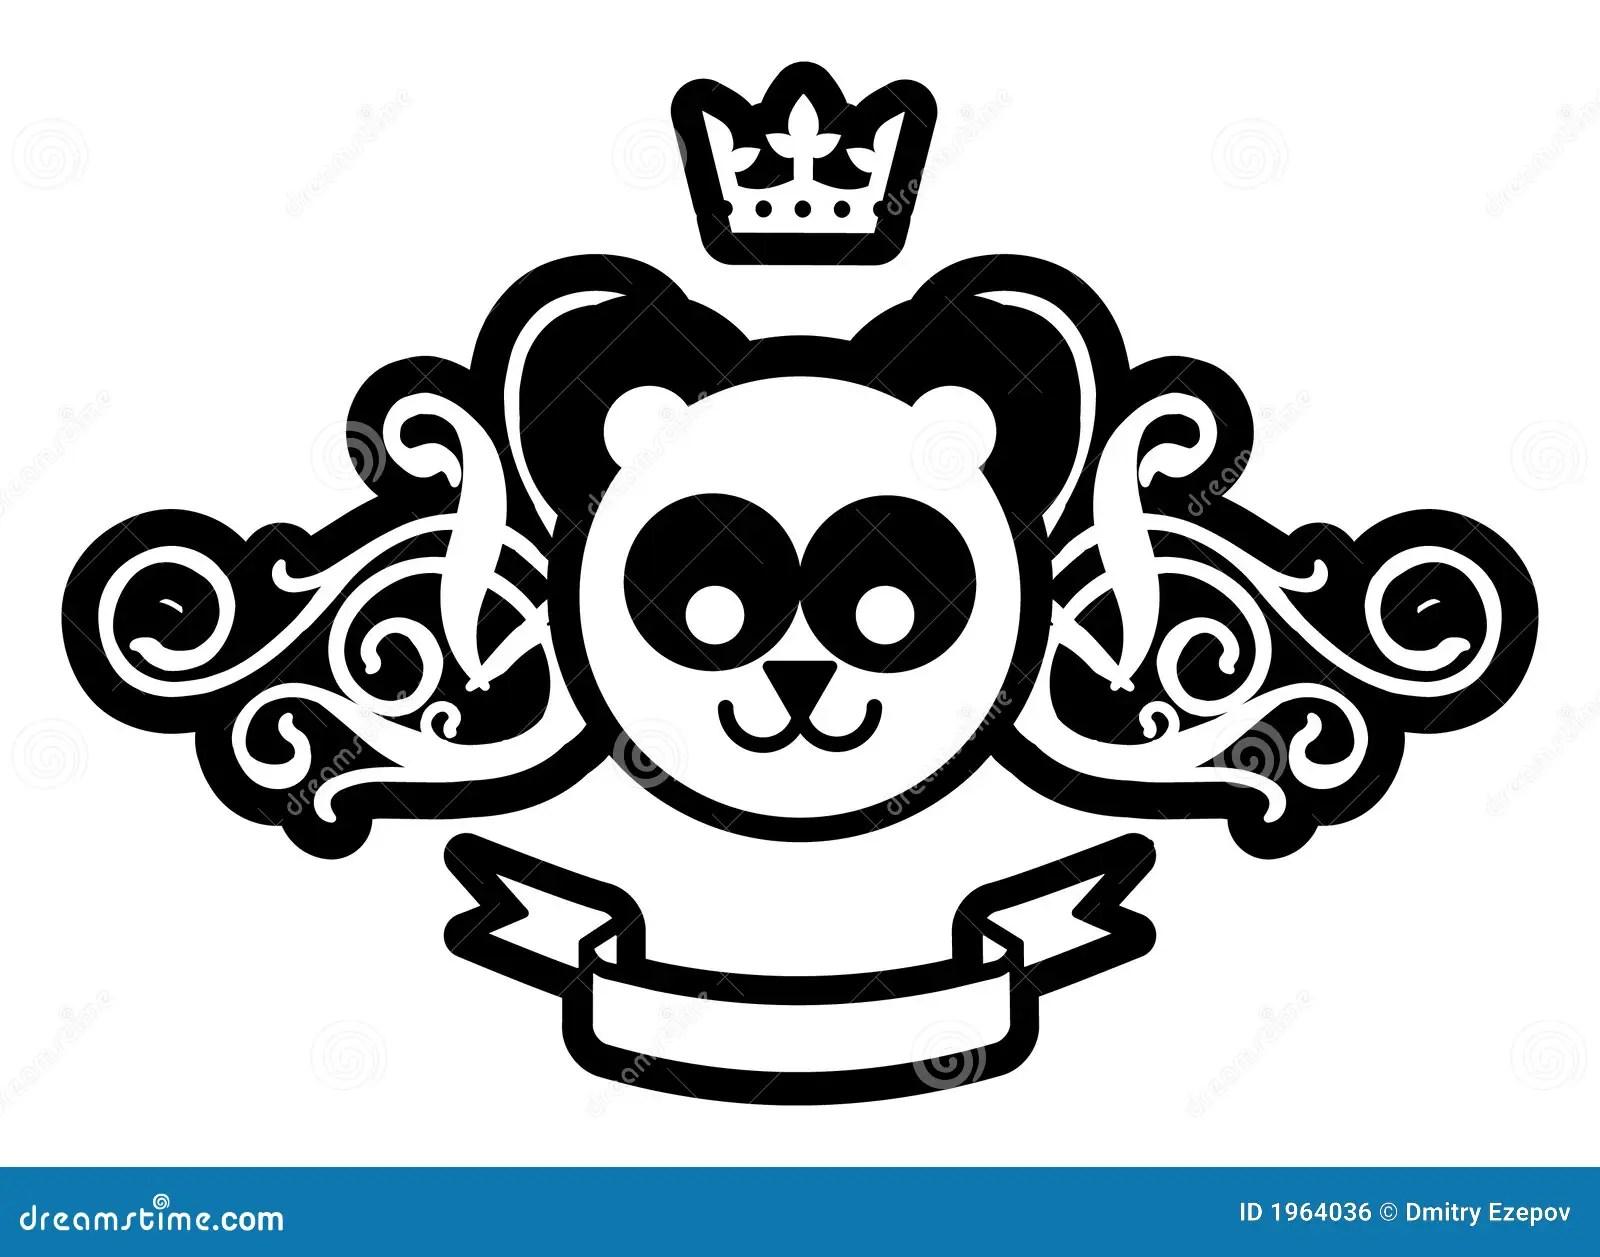 Pin Panda Emblem